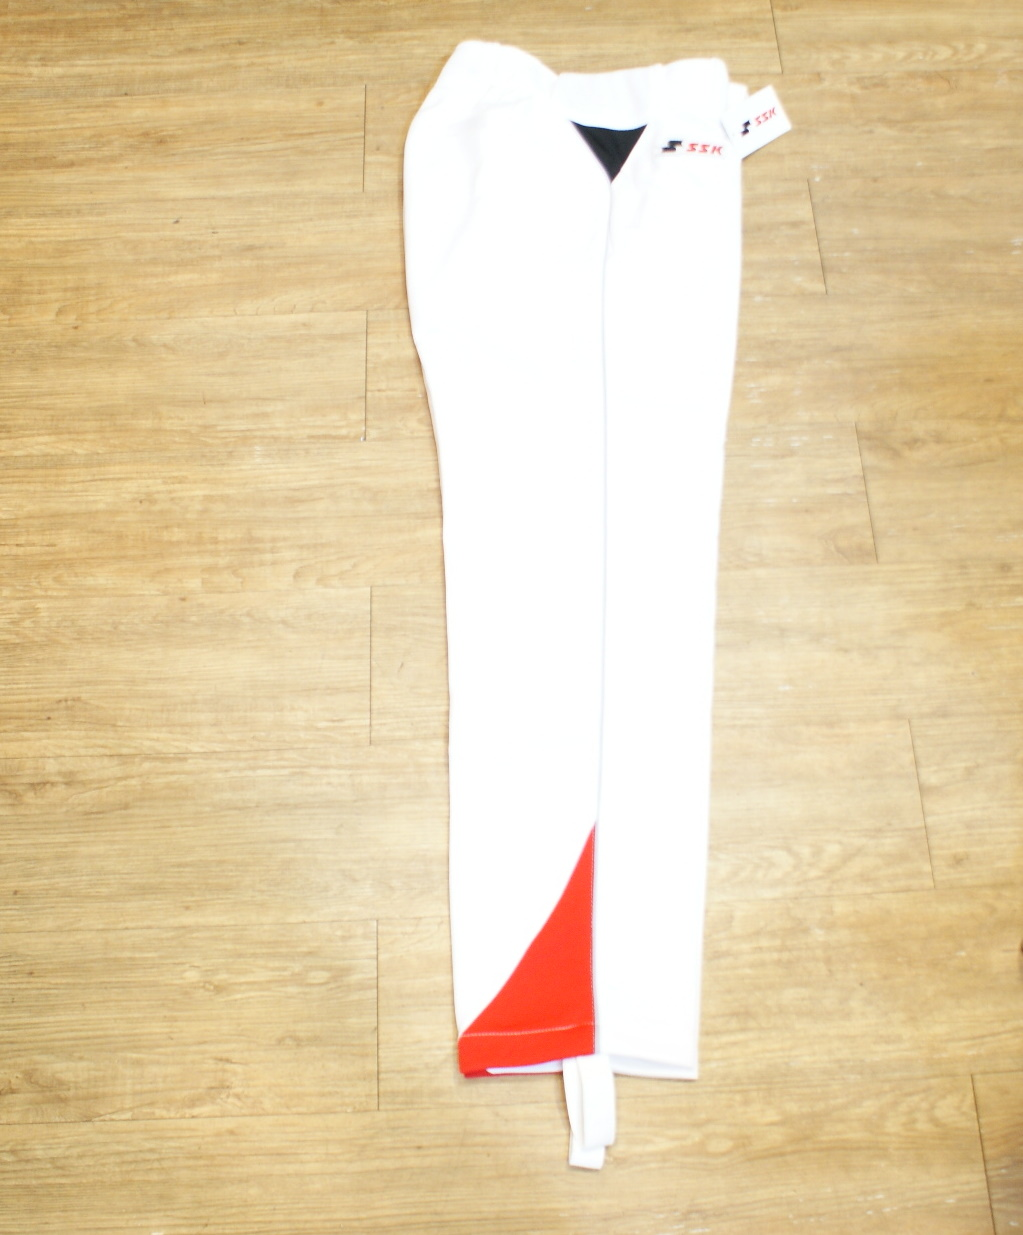 棒球世界 全新SSK棒壘球褲日本養樂多SWALLOWS 配色款 特價